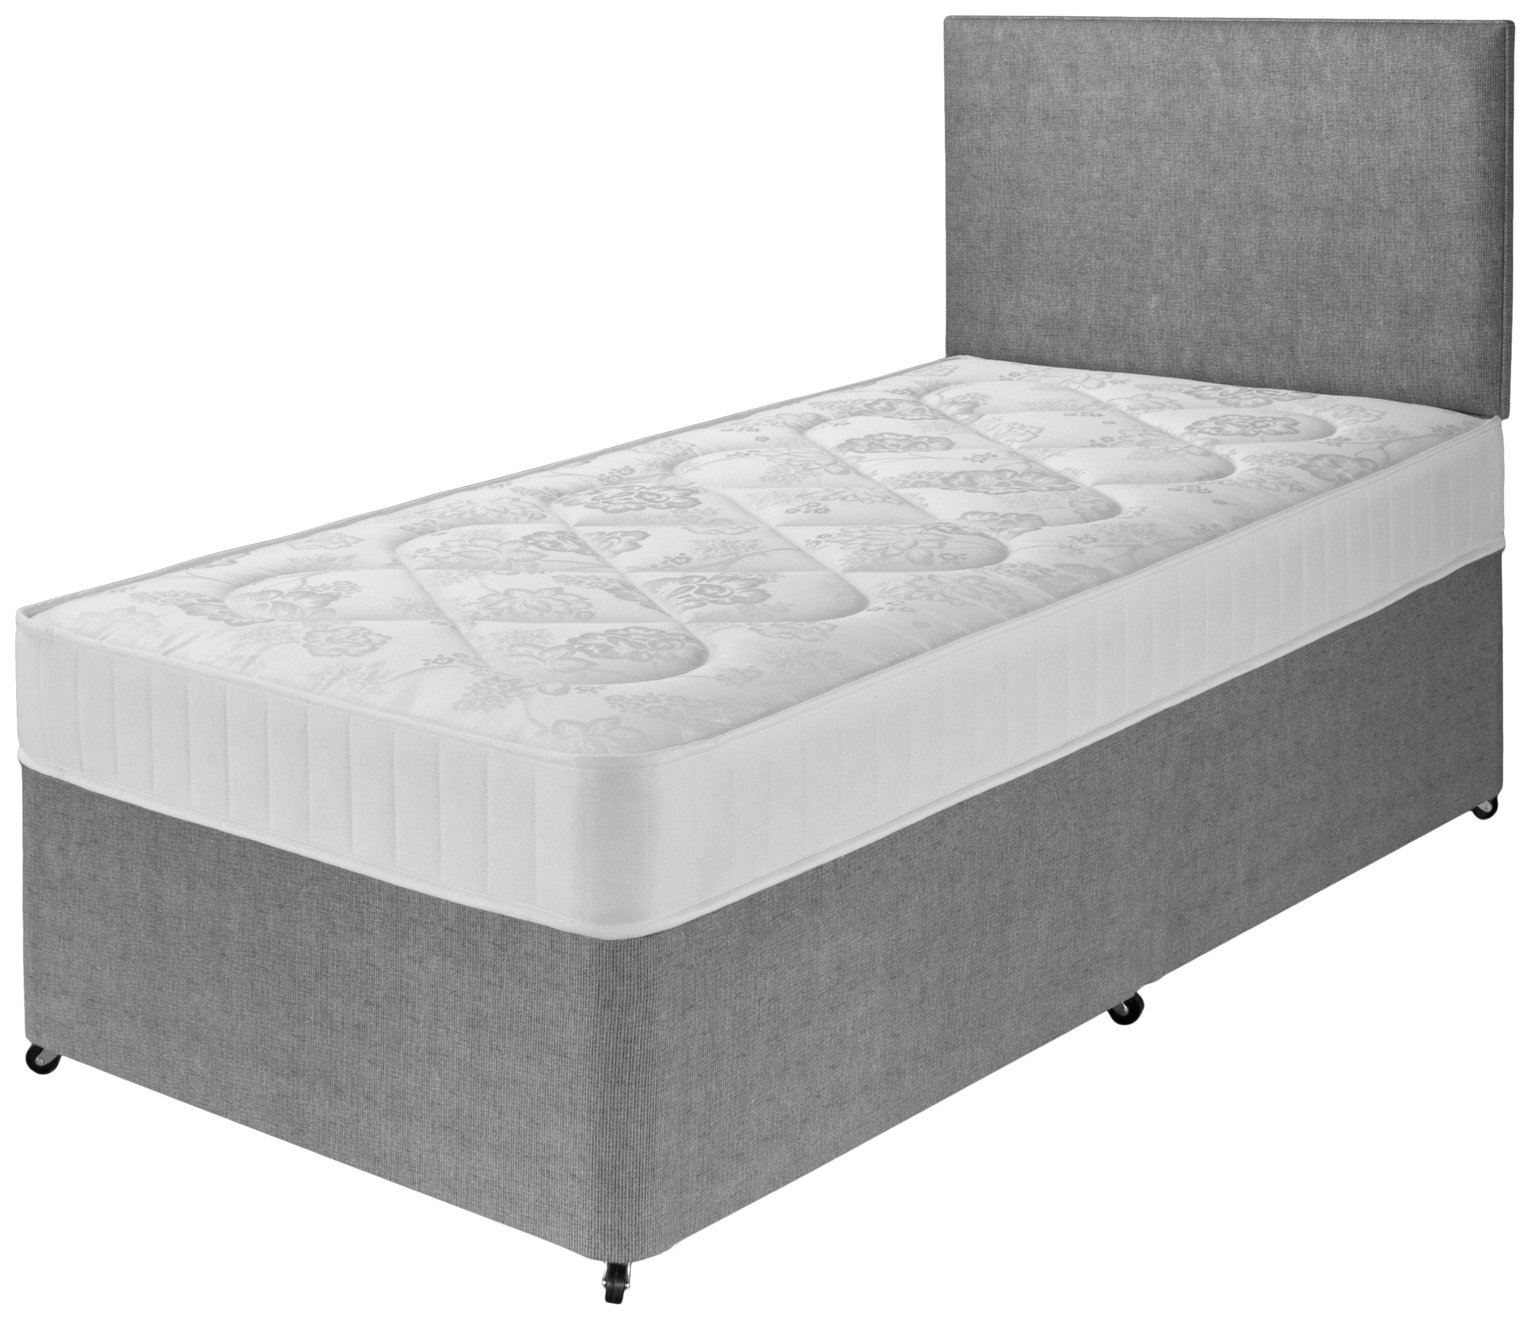 airspring elmdon comfort single divan bed. Black Bedroom Furniture Sets. Home Design Ideas